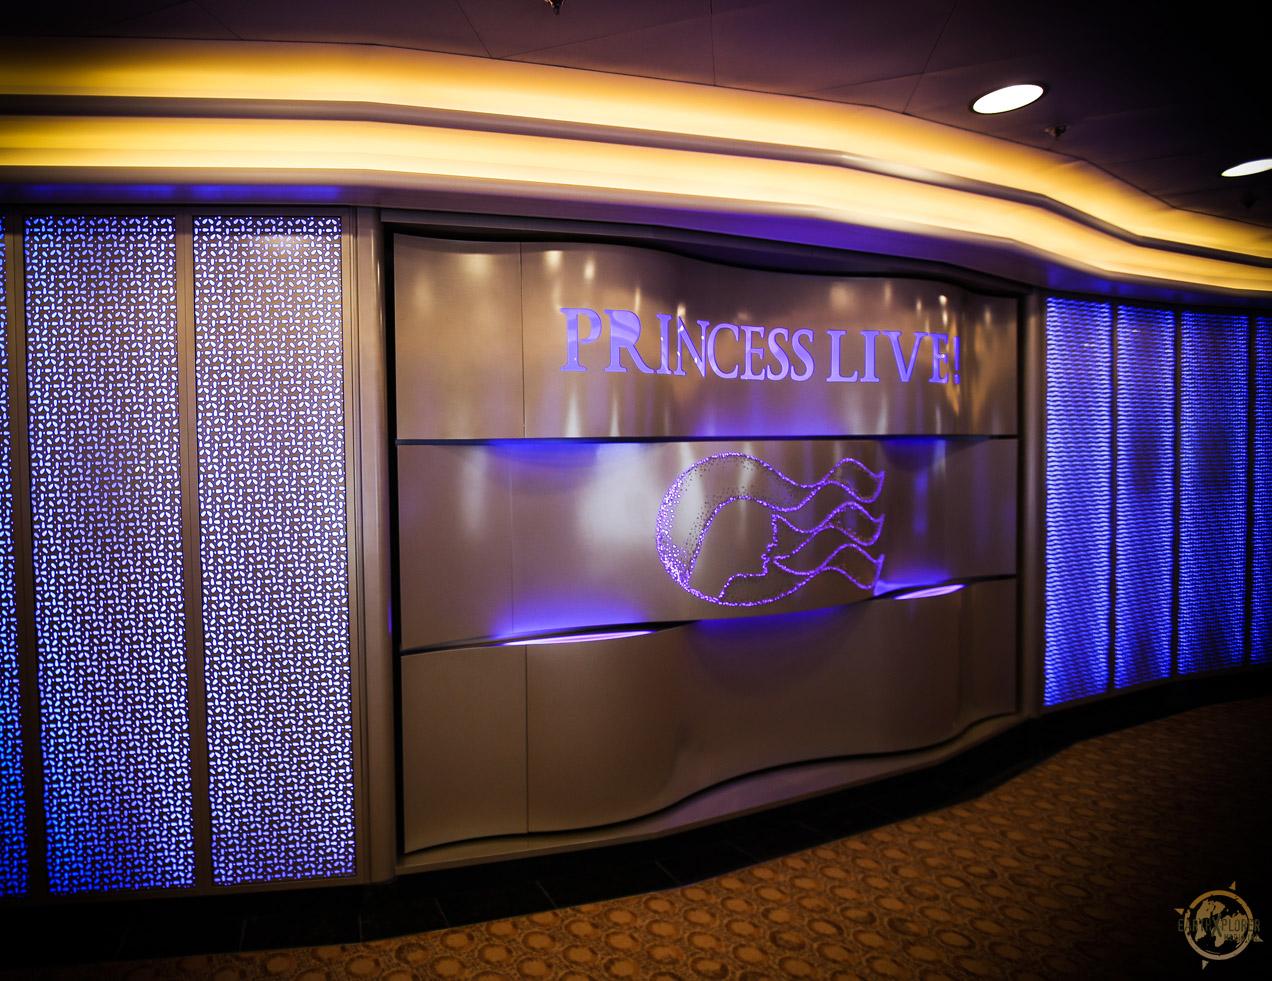 Princess Live